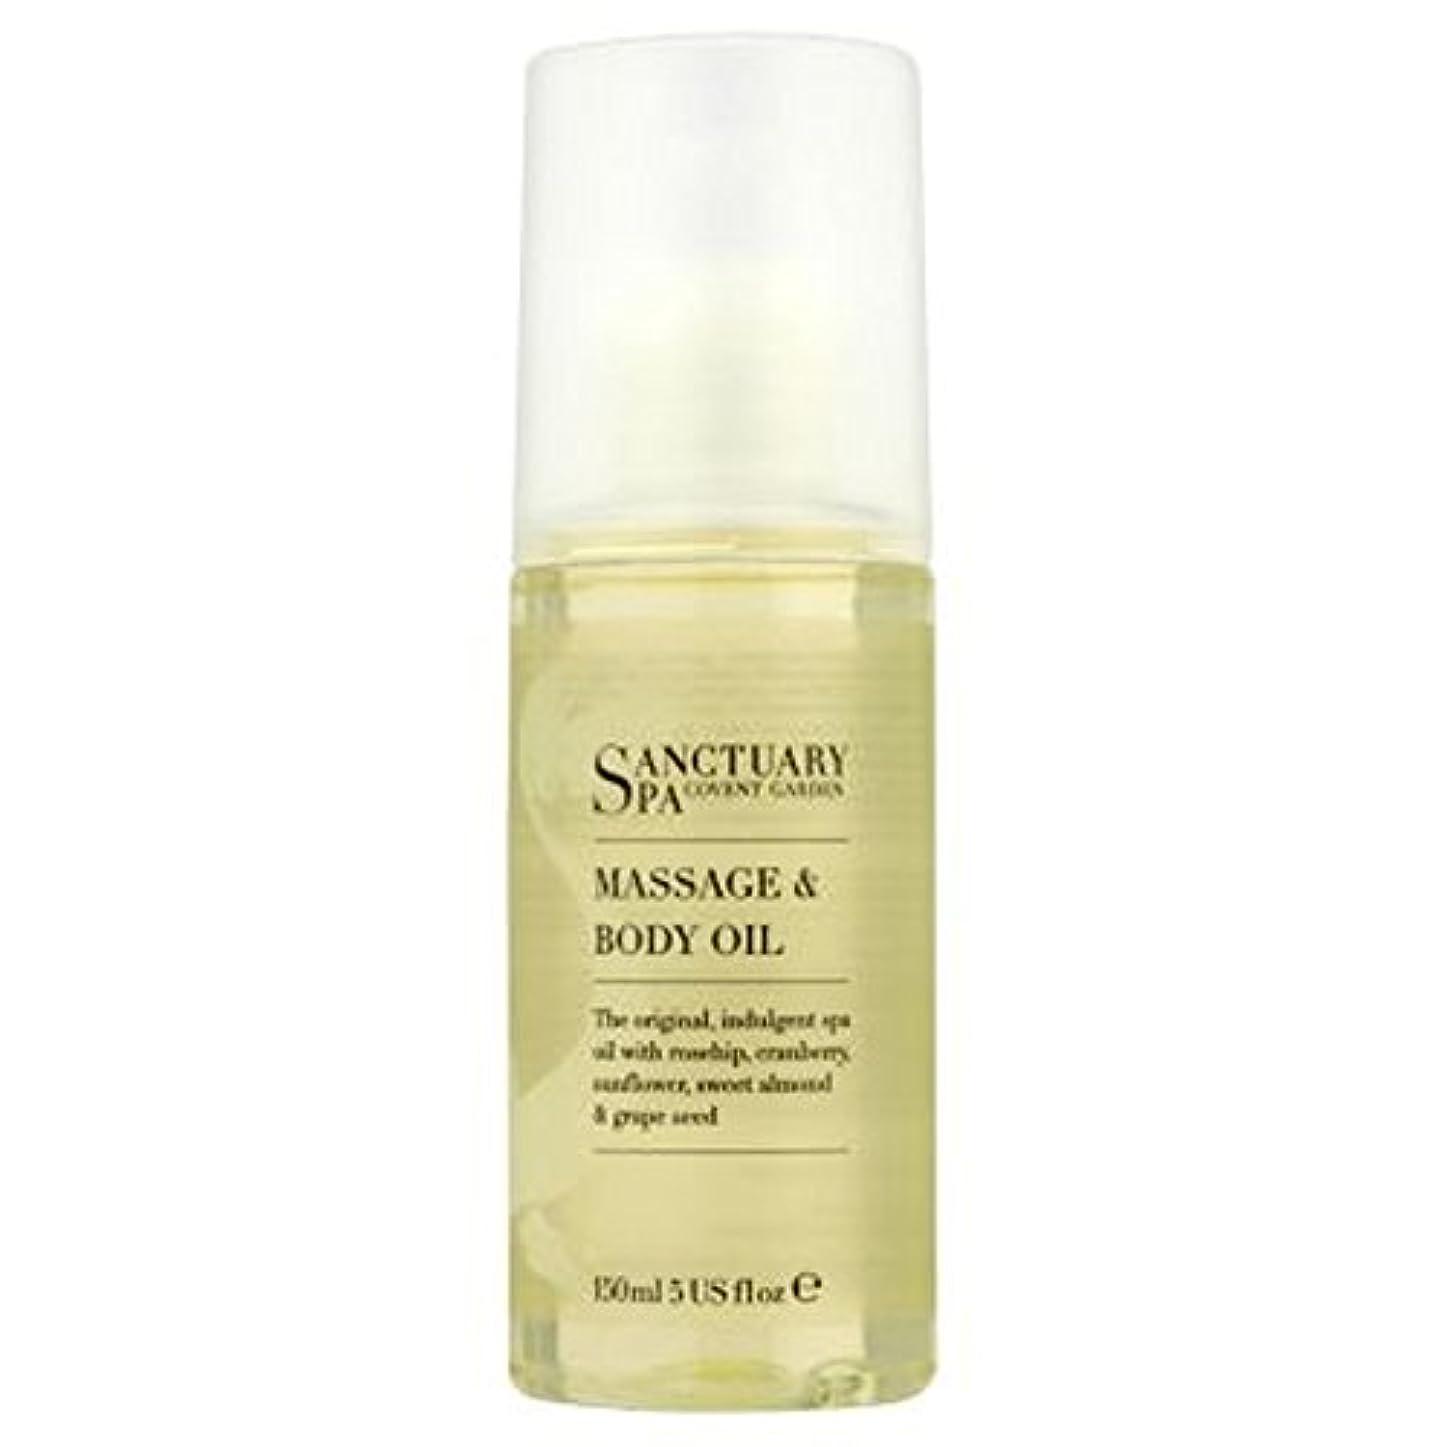 うま避難防止Sanctuary Daily Spa Escape Massage and Body Oil - 150ml - 聖域毎日のスパエスケープマッサージやボディオイル - 150ミリリットル (Sanctuary) [並行輸入品]